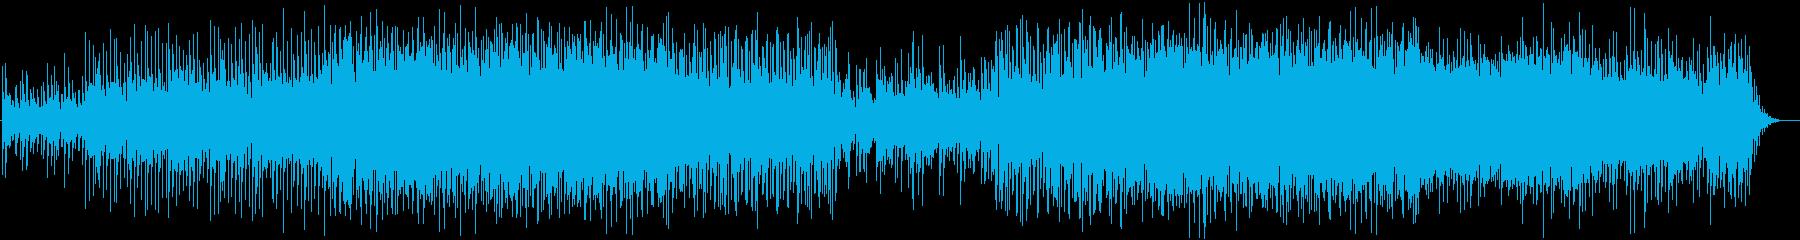 切なさのあるラブソング風のインストEDMの再生済みの波形